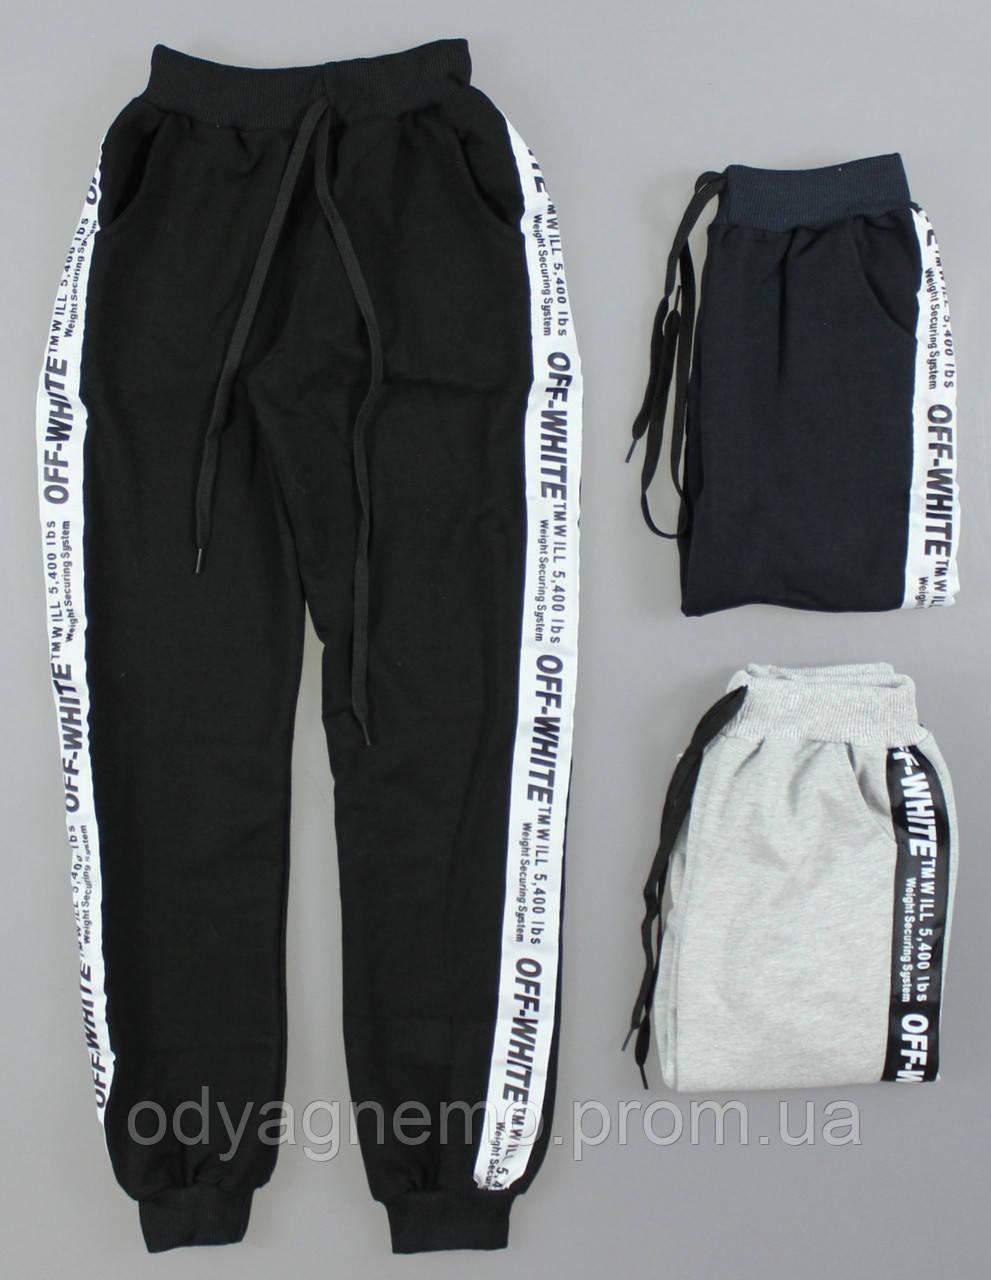 Спортивные брюки утепленные трехнитка для мальчиков оптом, 134-152 рр . Артикул: SH2002